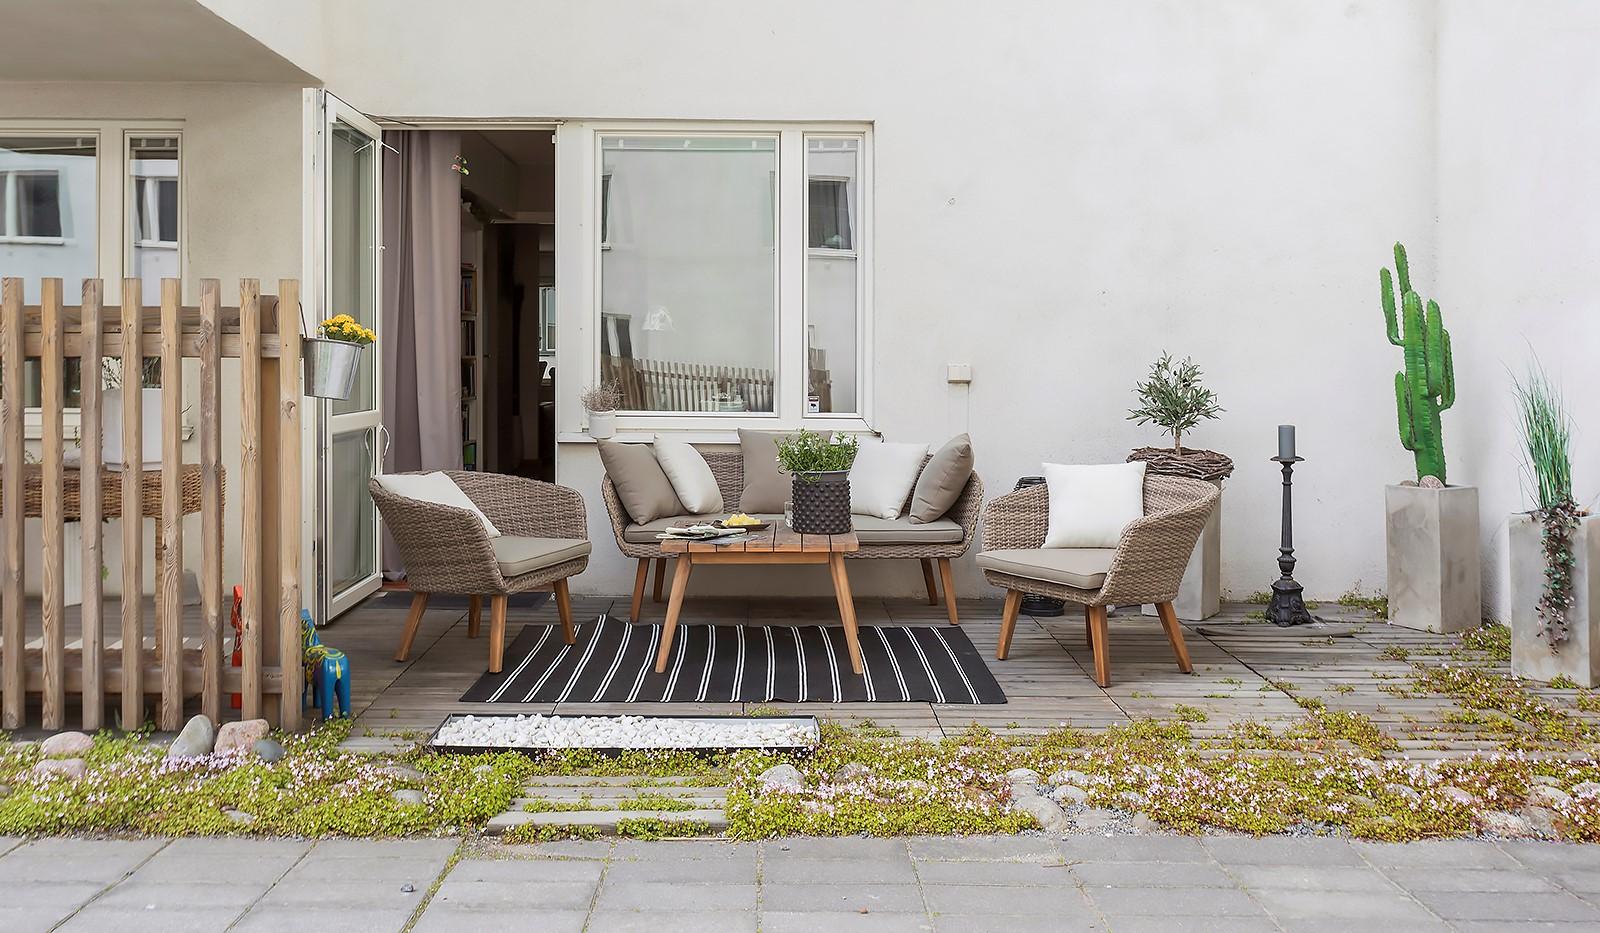 Vinodlargatan 7, 1tr - Perfekta blandningen mellan lägenhet och radhus